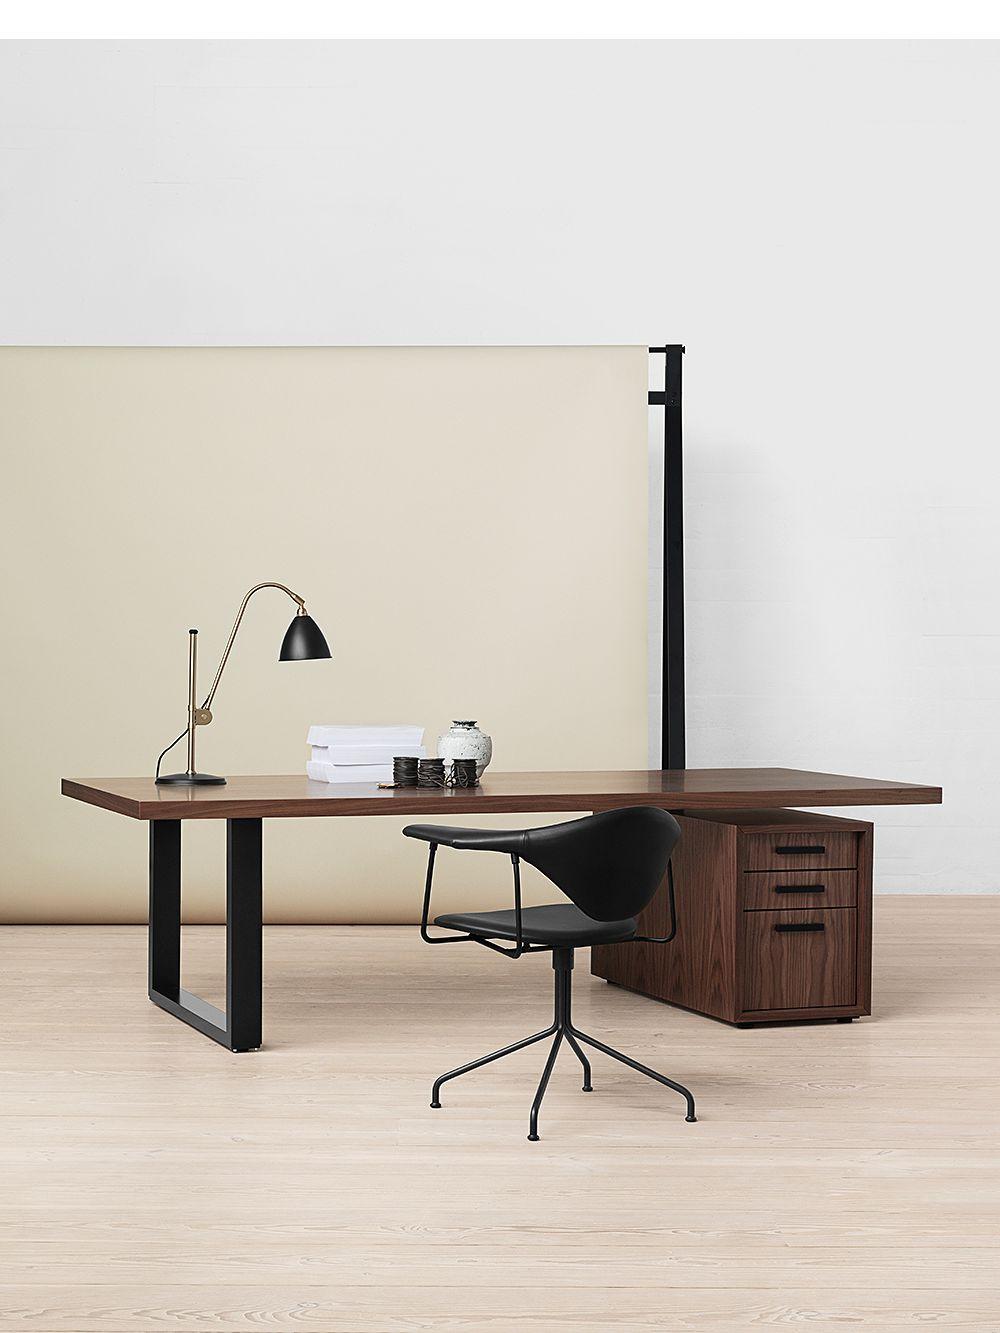 Gubin Masculo-työtuoli työpöydän ääressä.